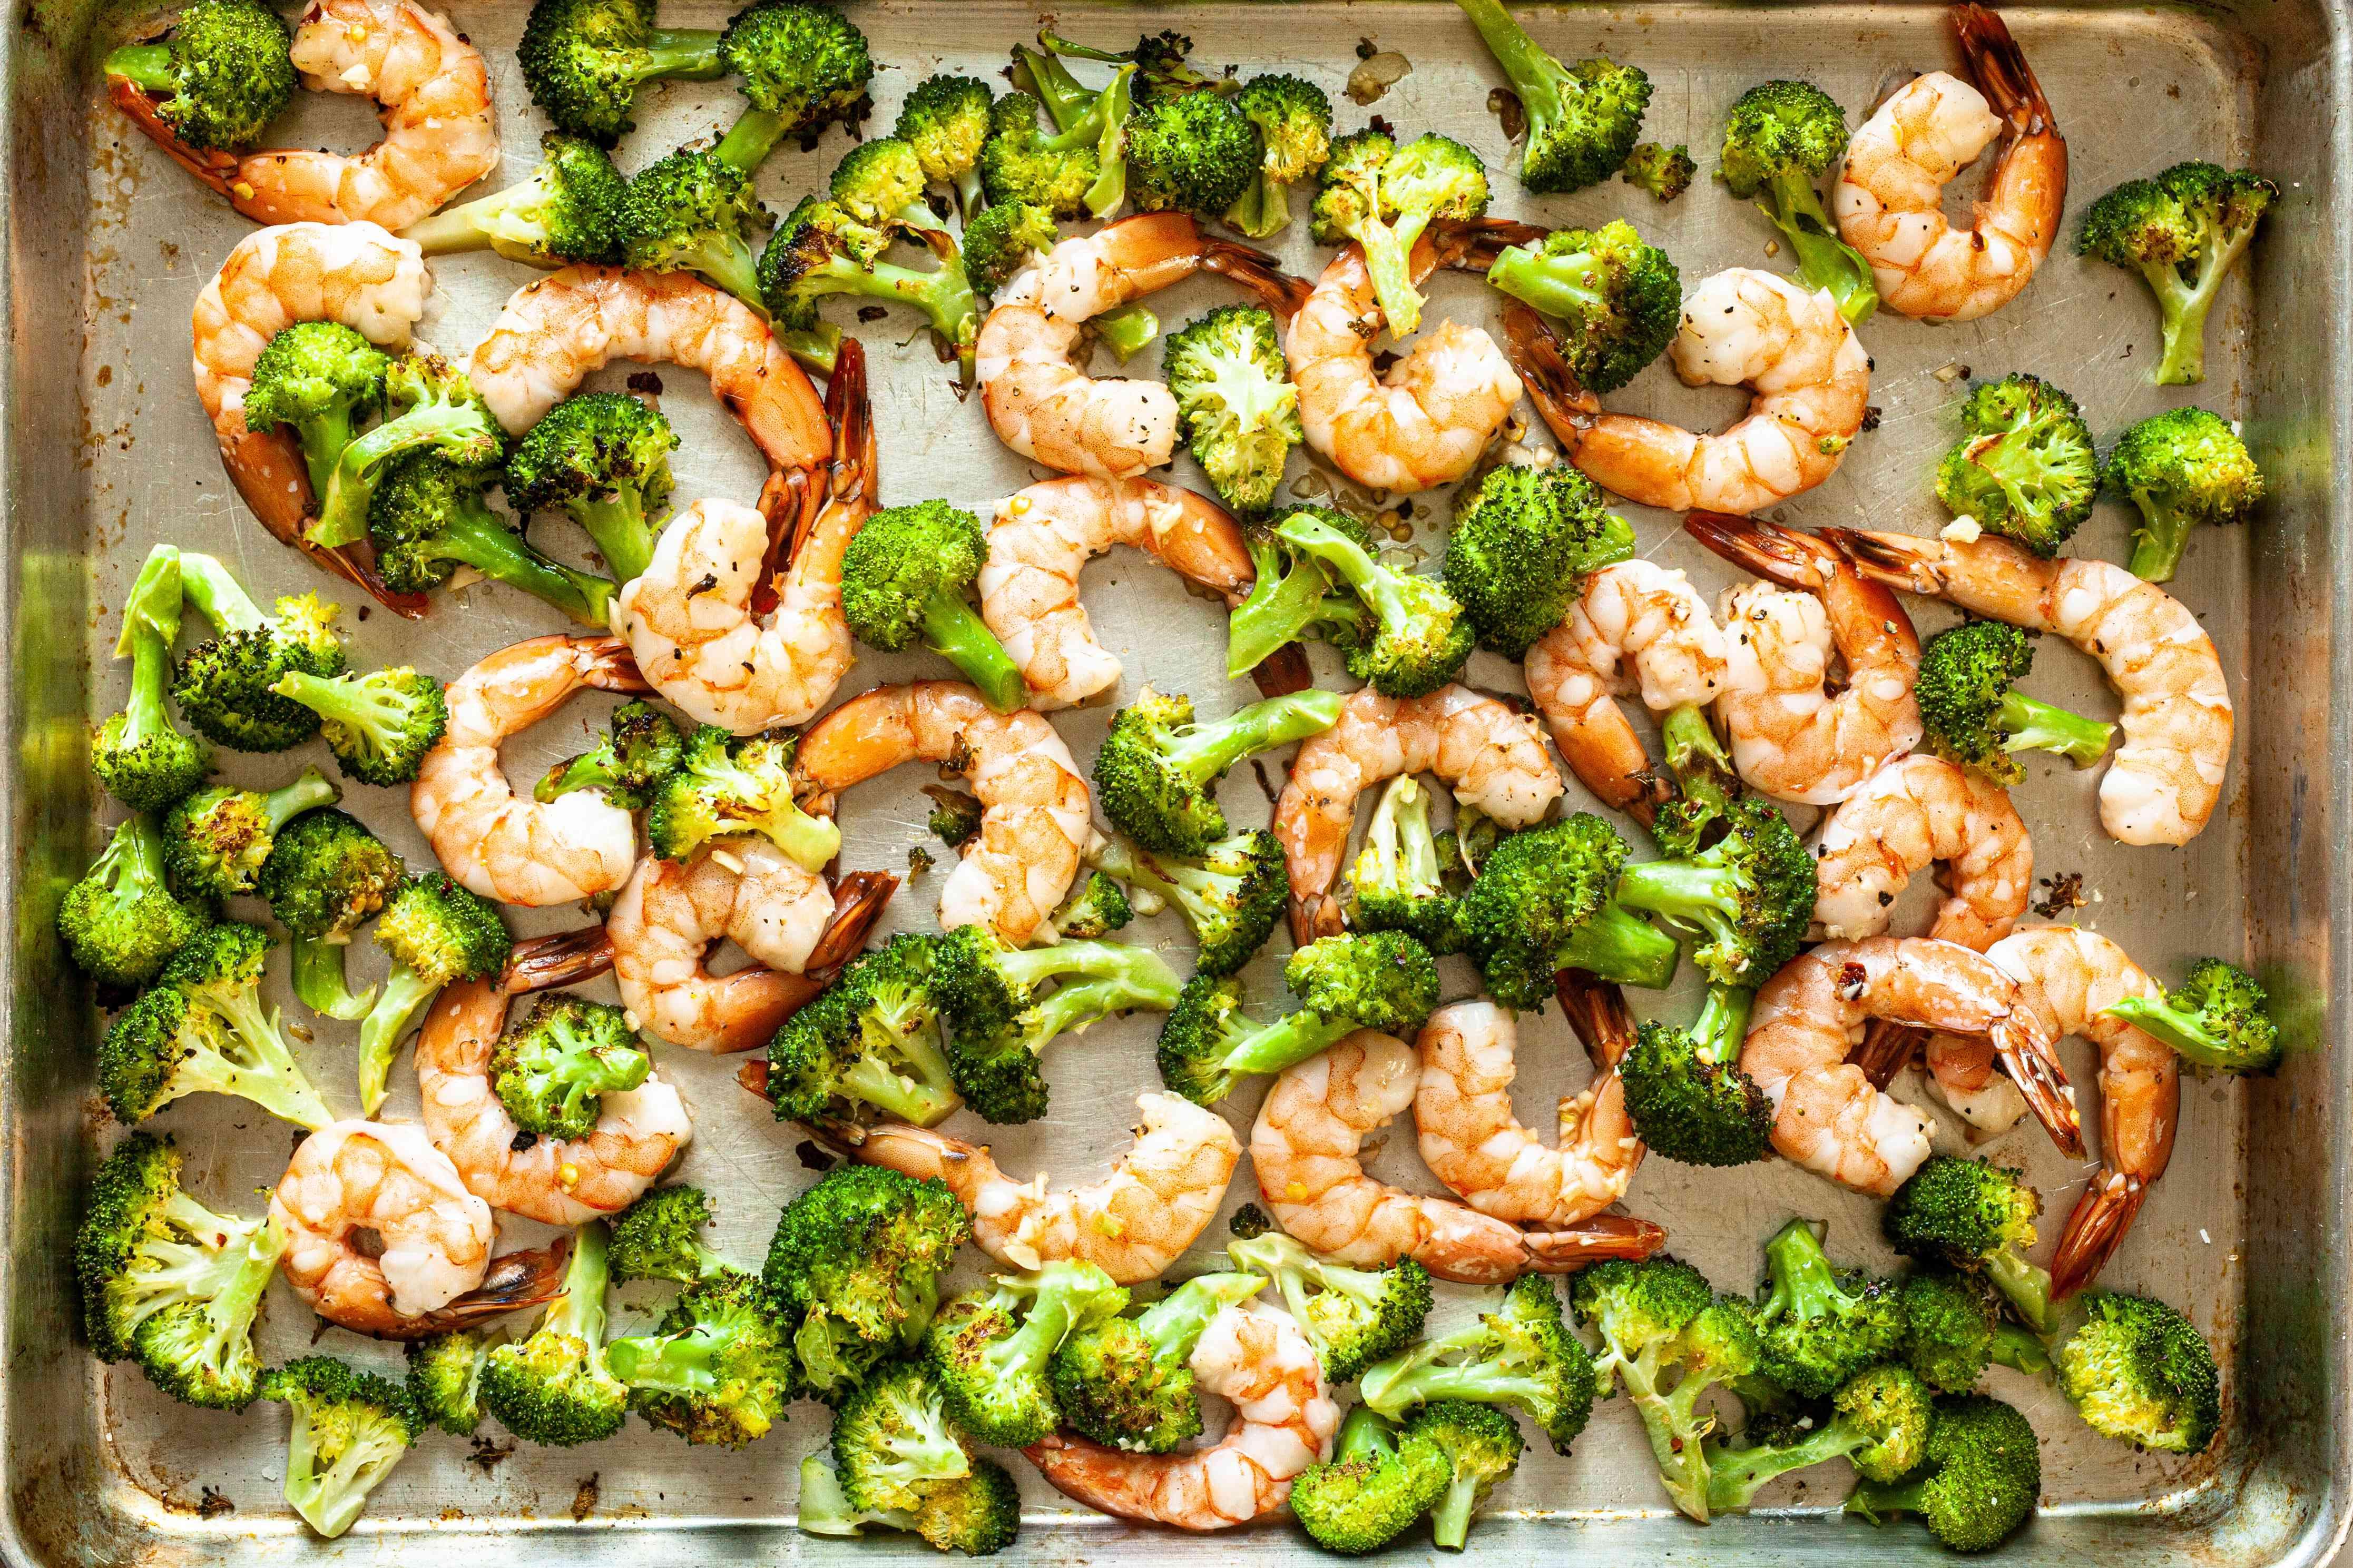 Broccoli and shrimp on a sheet pan to make Easy Sheet Pan Shrimp and Broccoli.